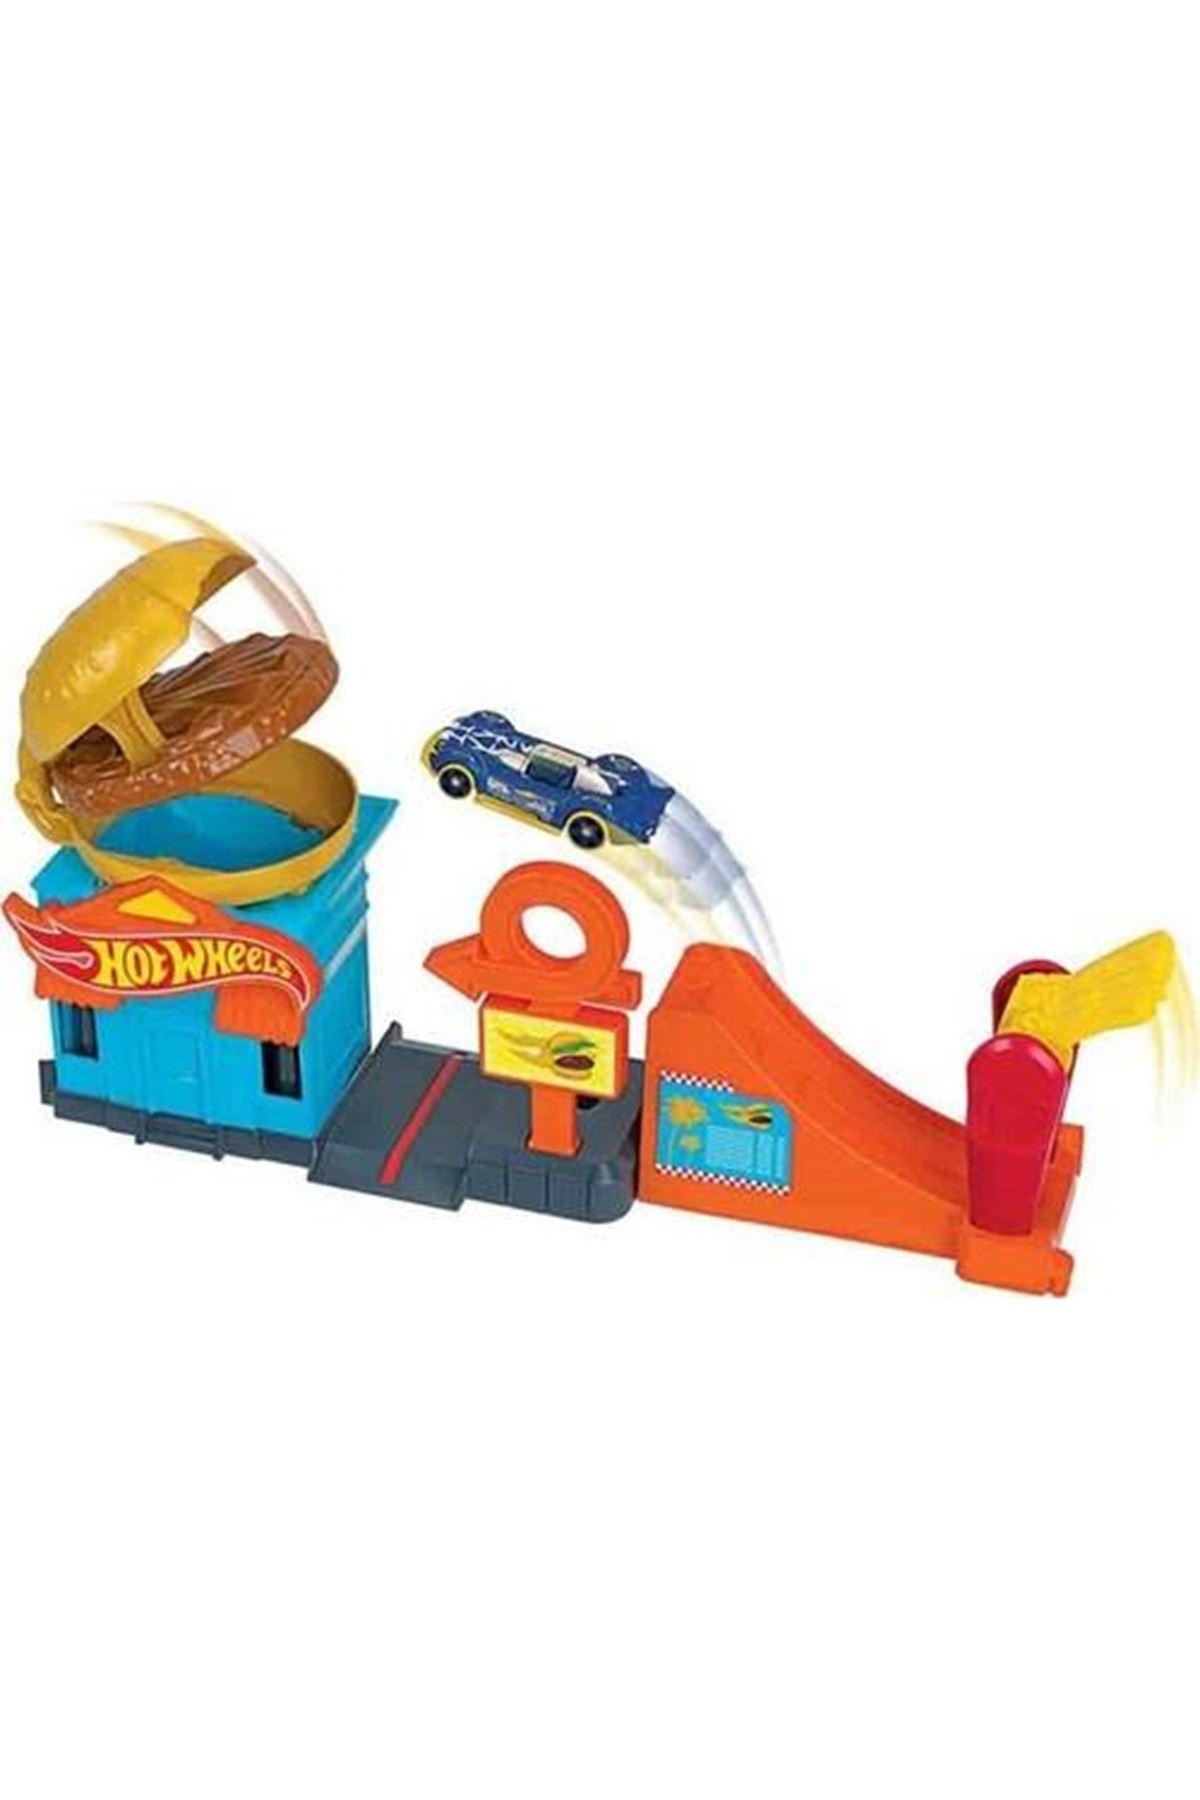 Hot Wheels Şehir Otoparkı Oyun Setleri FRH28 GPD09